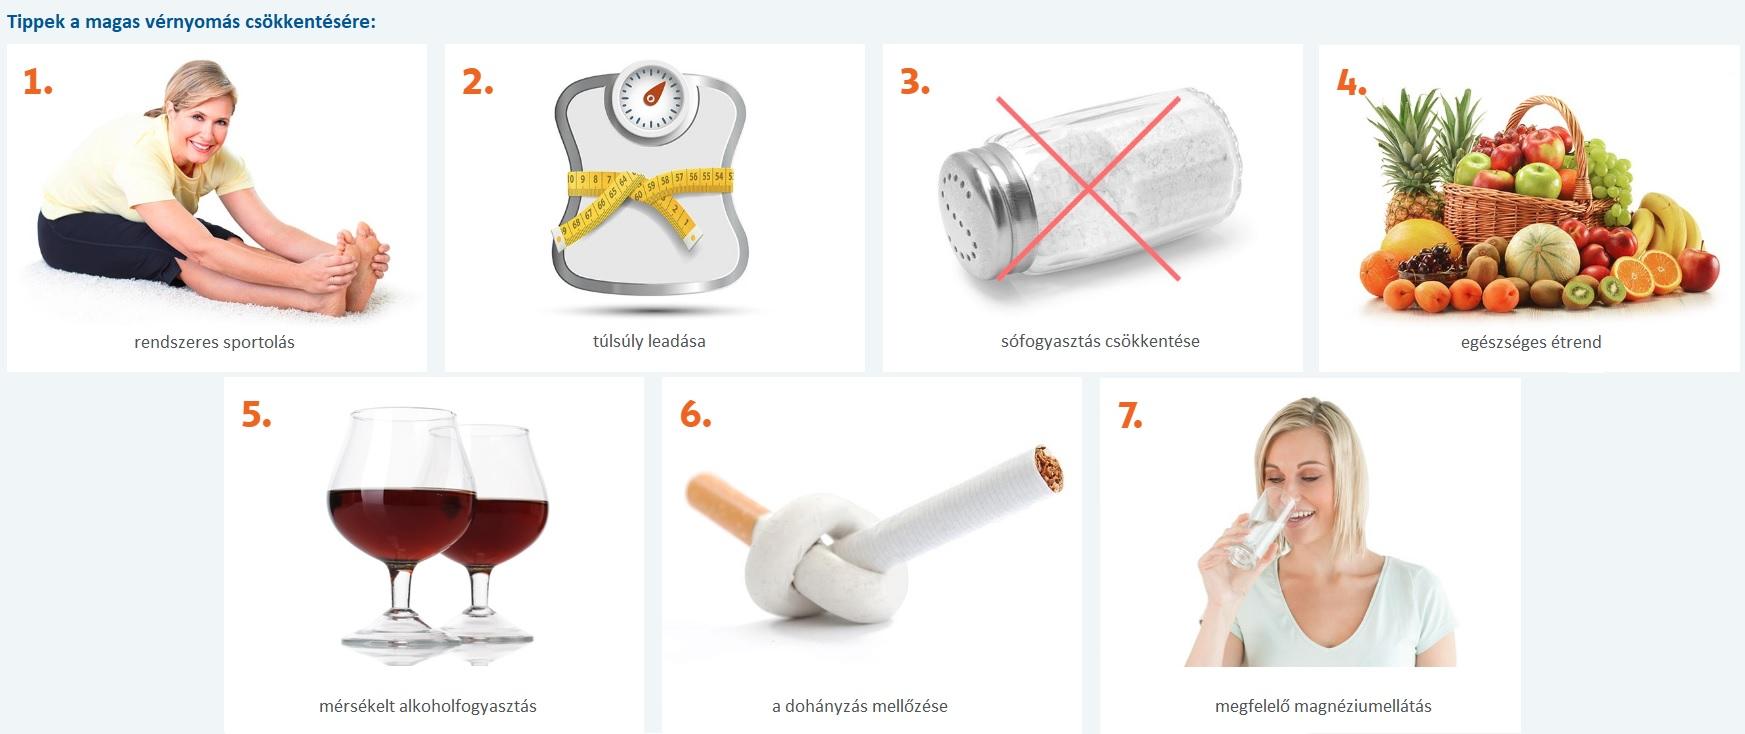 gyógyszer a magas vérnyomás megelőzésére vétó a magas vérnyomás ellen